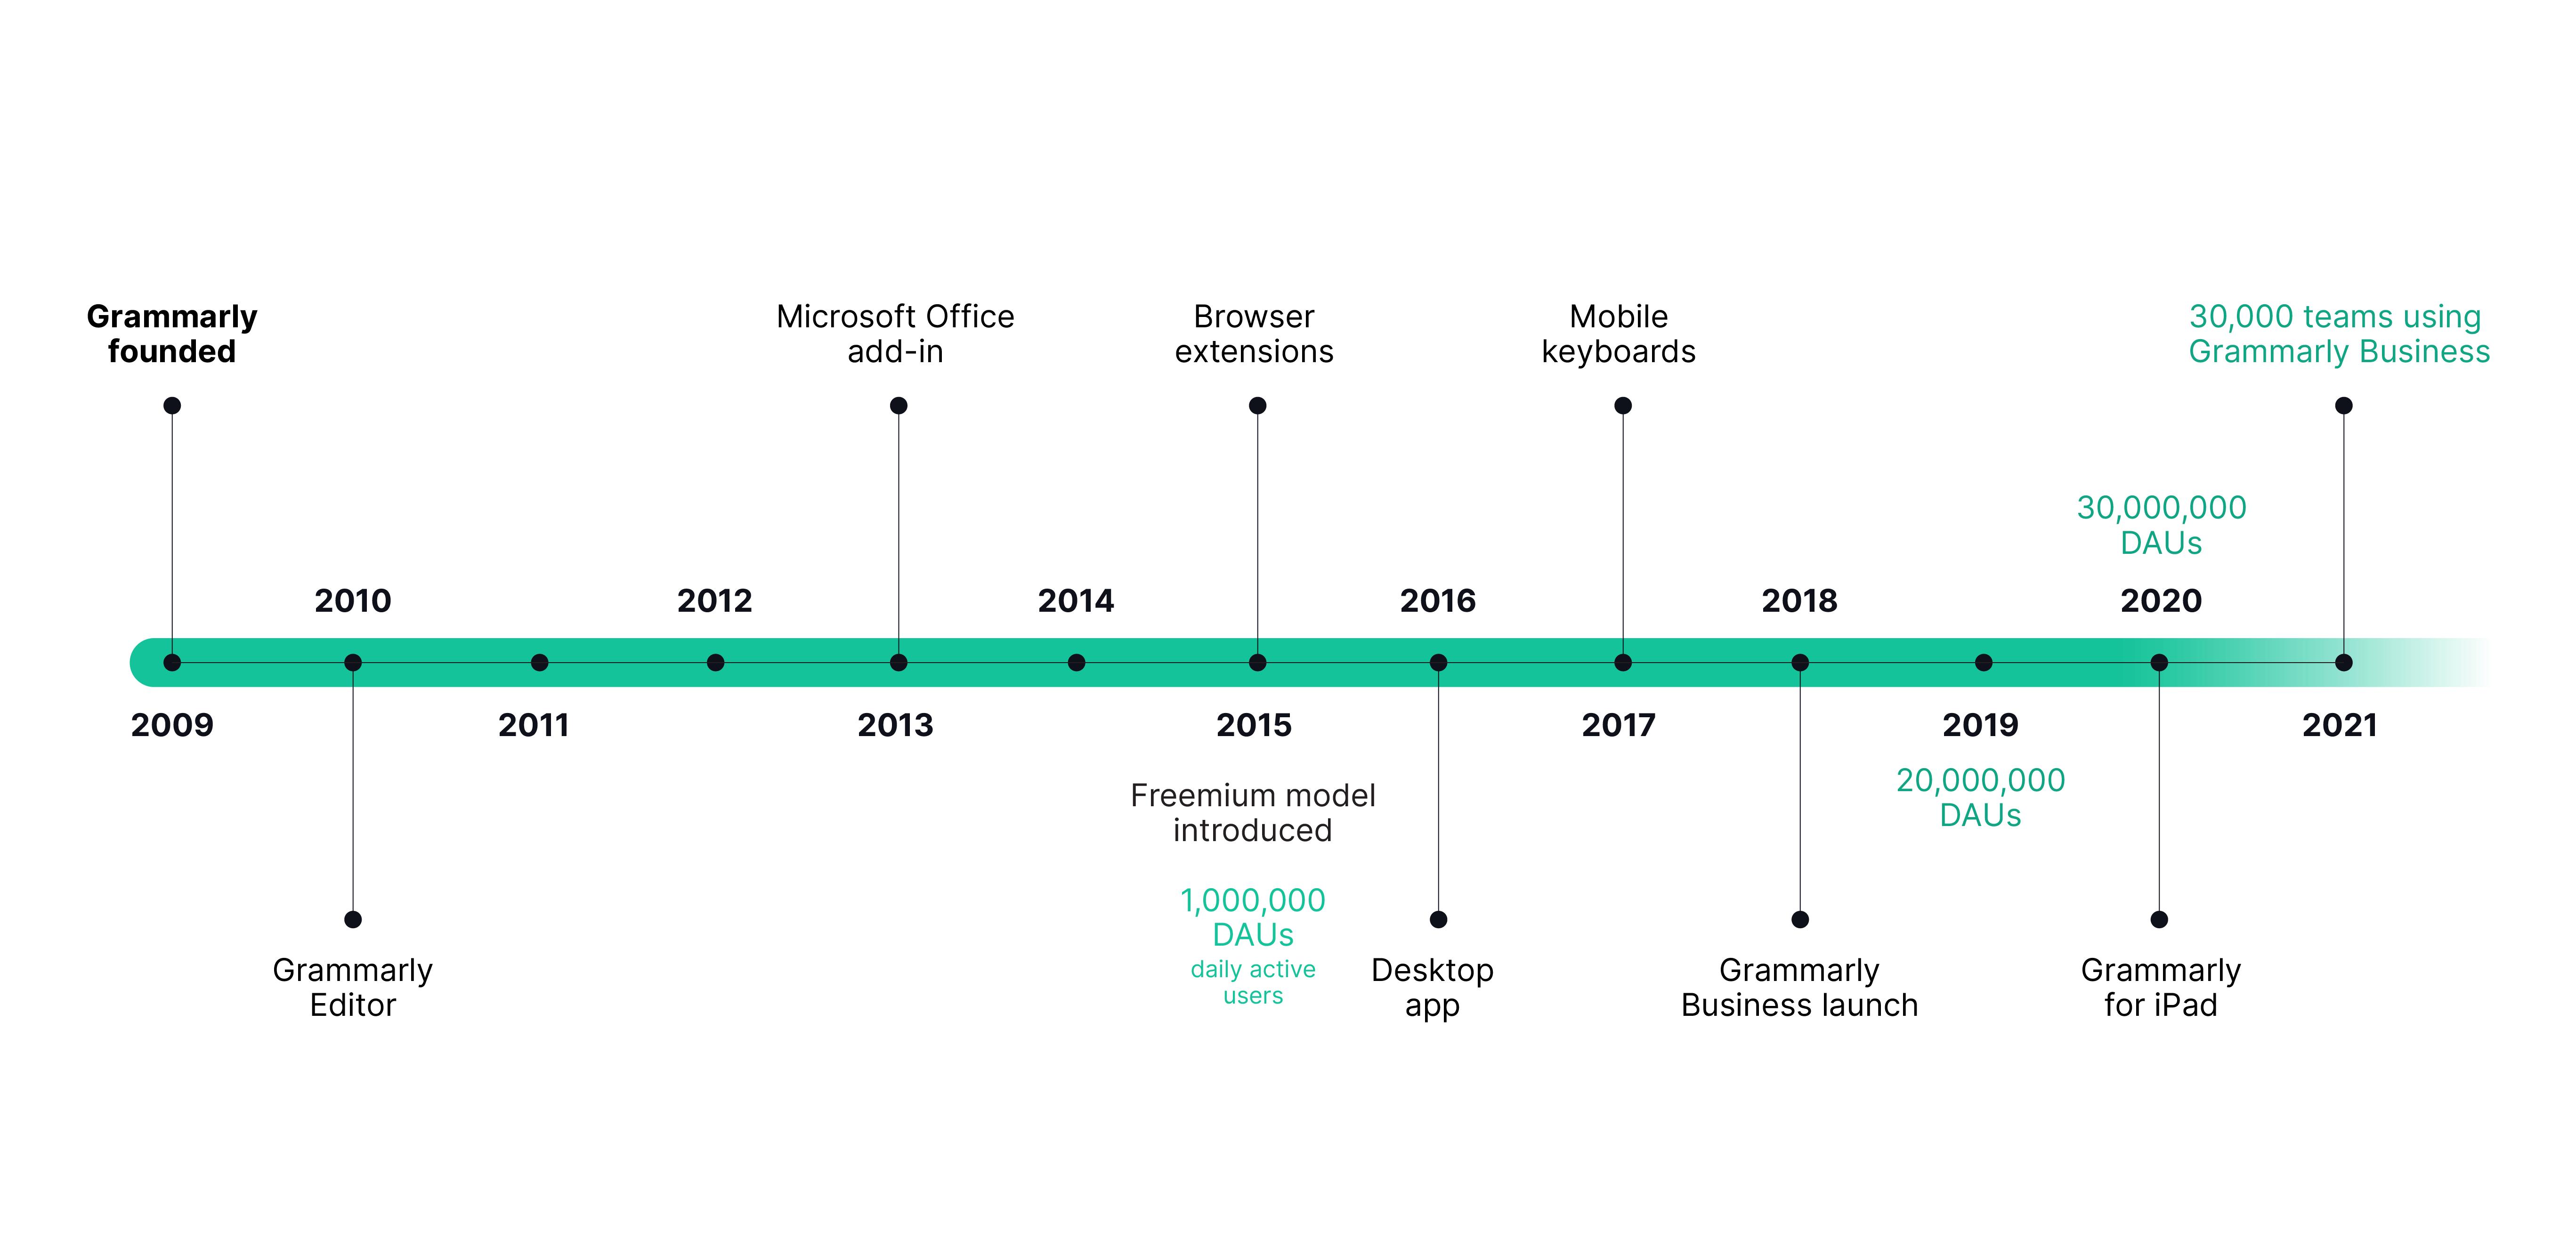 Grammarly timeline